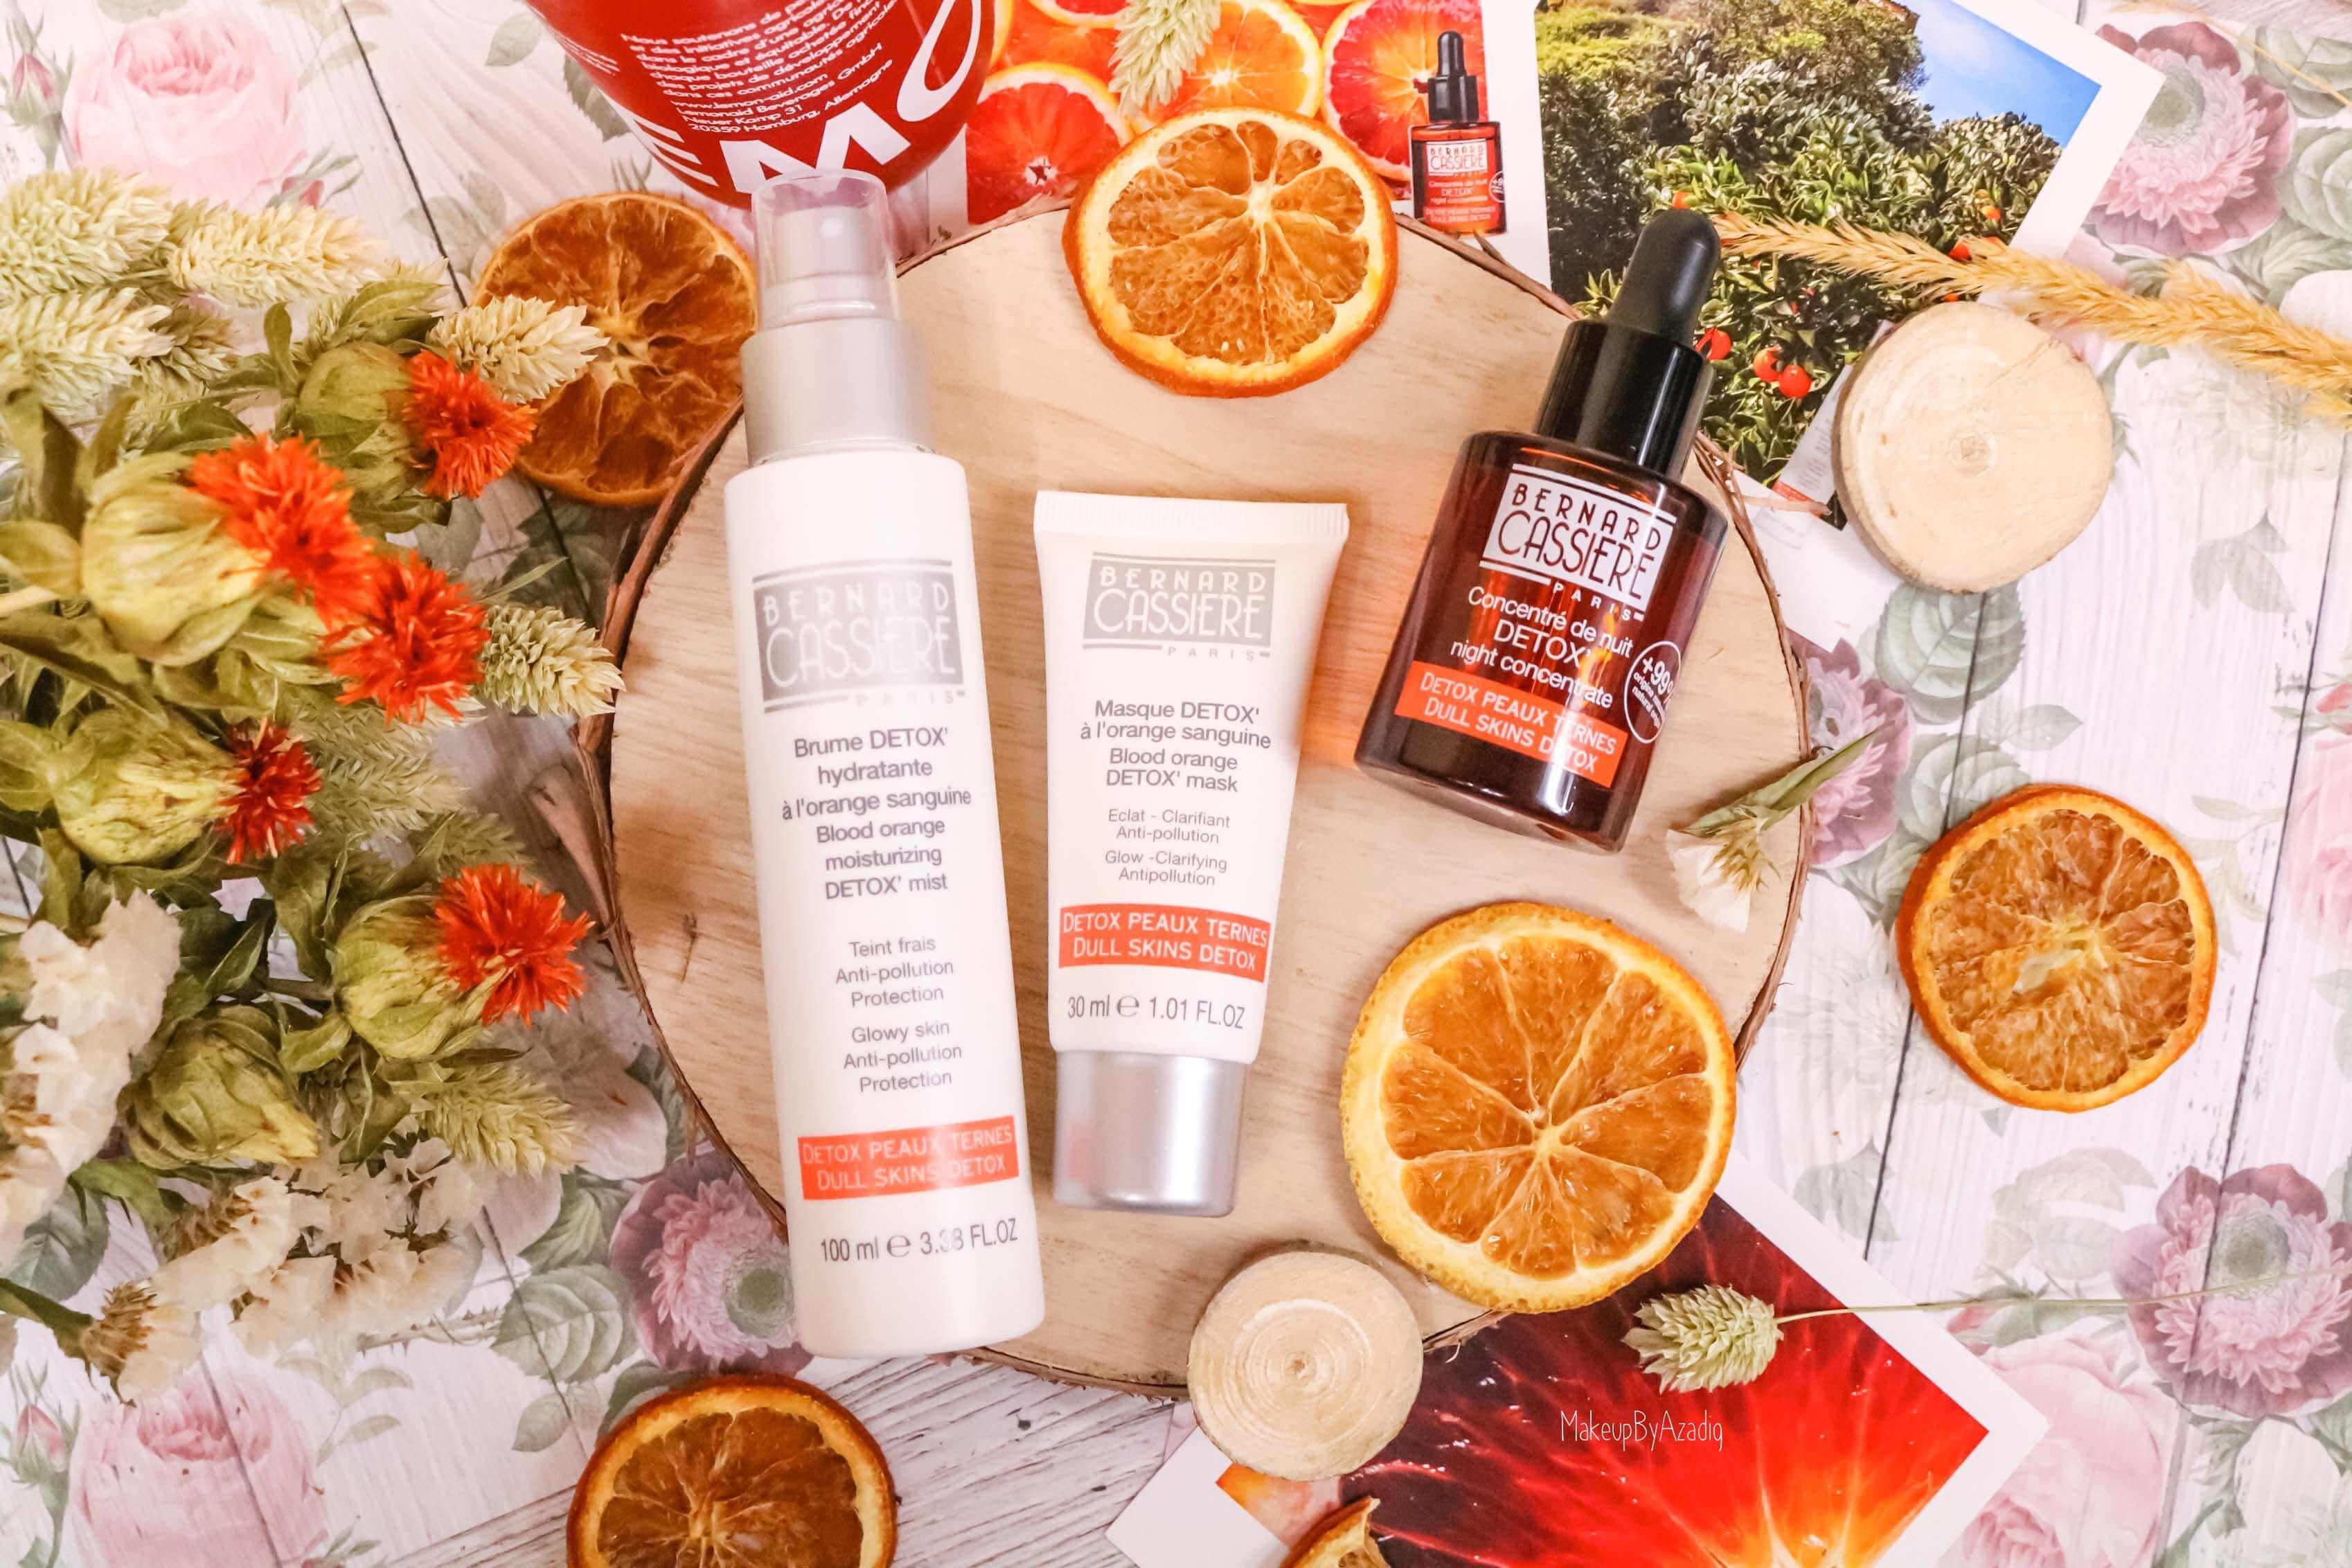 revue-produits-bernard-cassiere-bio-detox-orange-sanguine-masque-paris-institut-concentre-nuit-avis-prix-soin-makeupbyazadig-vitamine